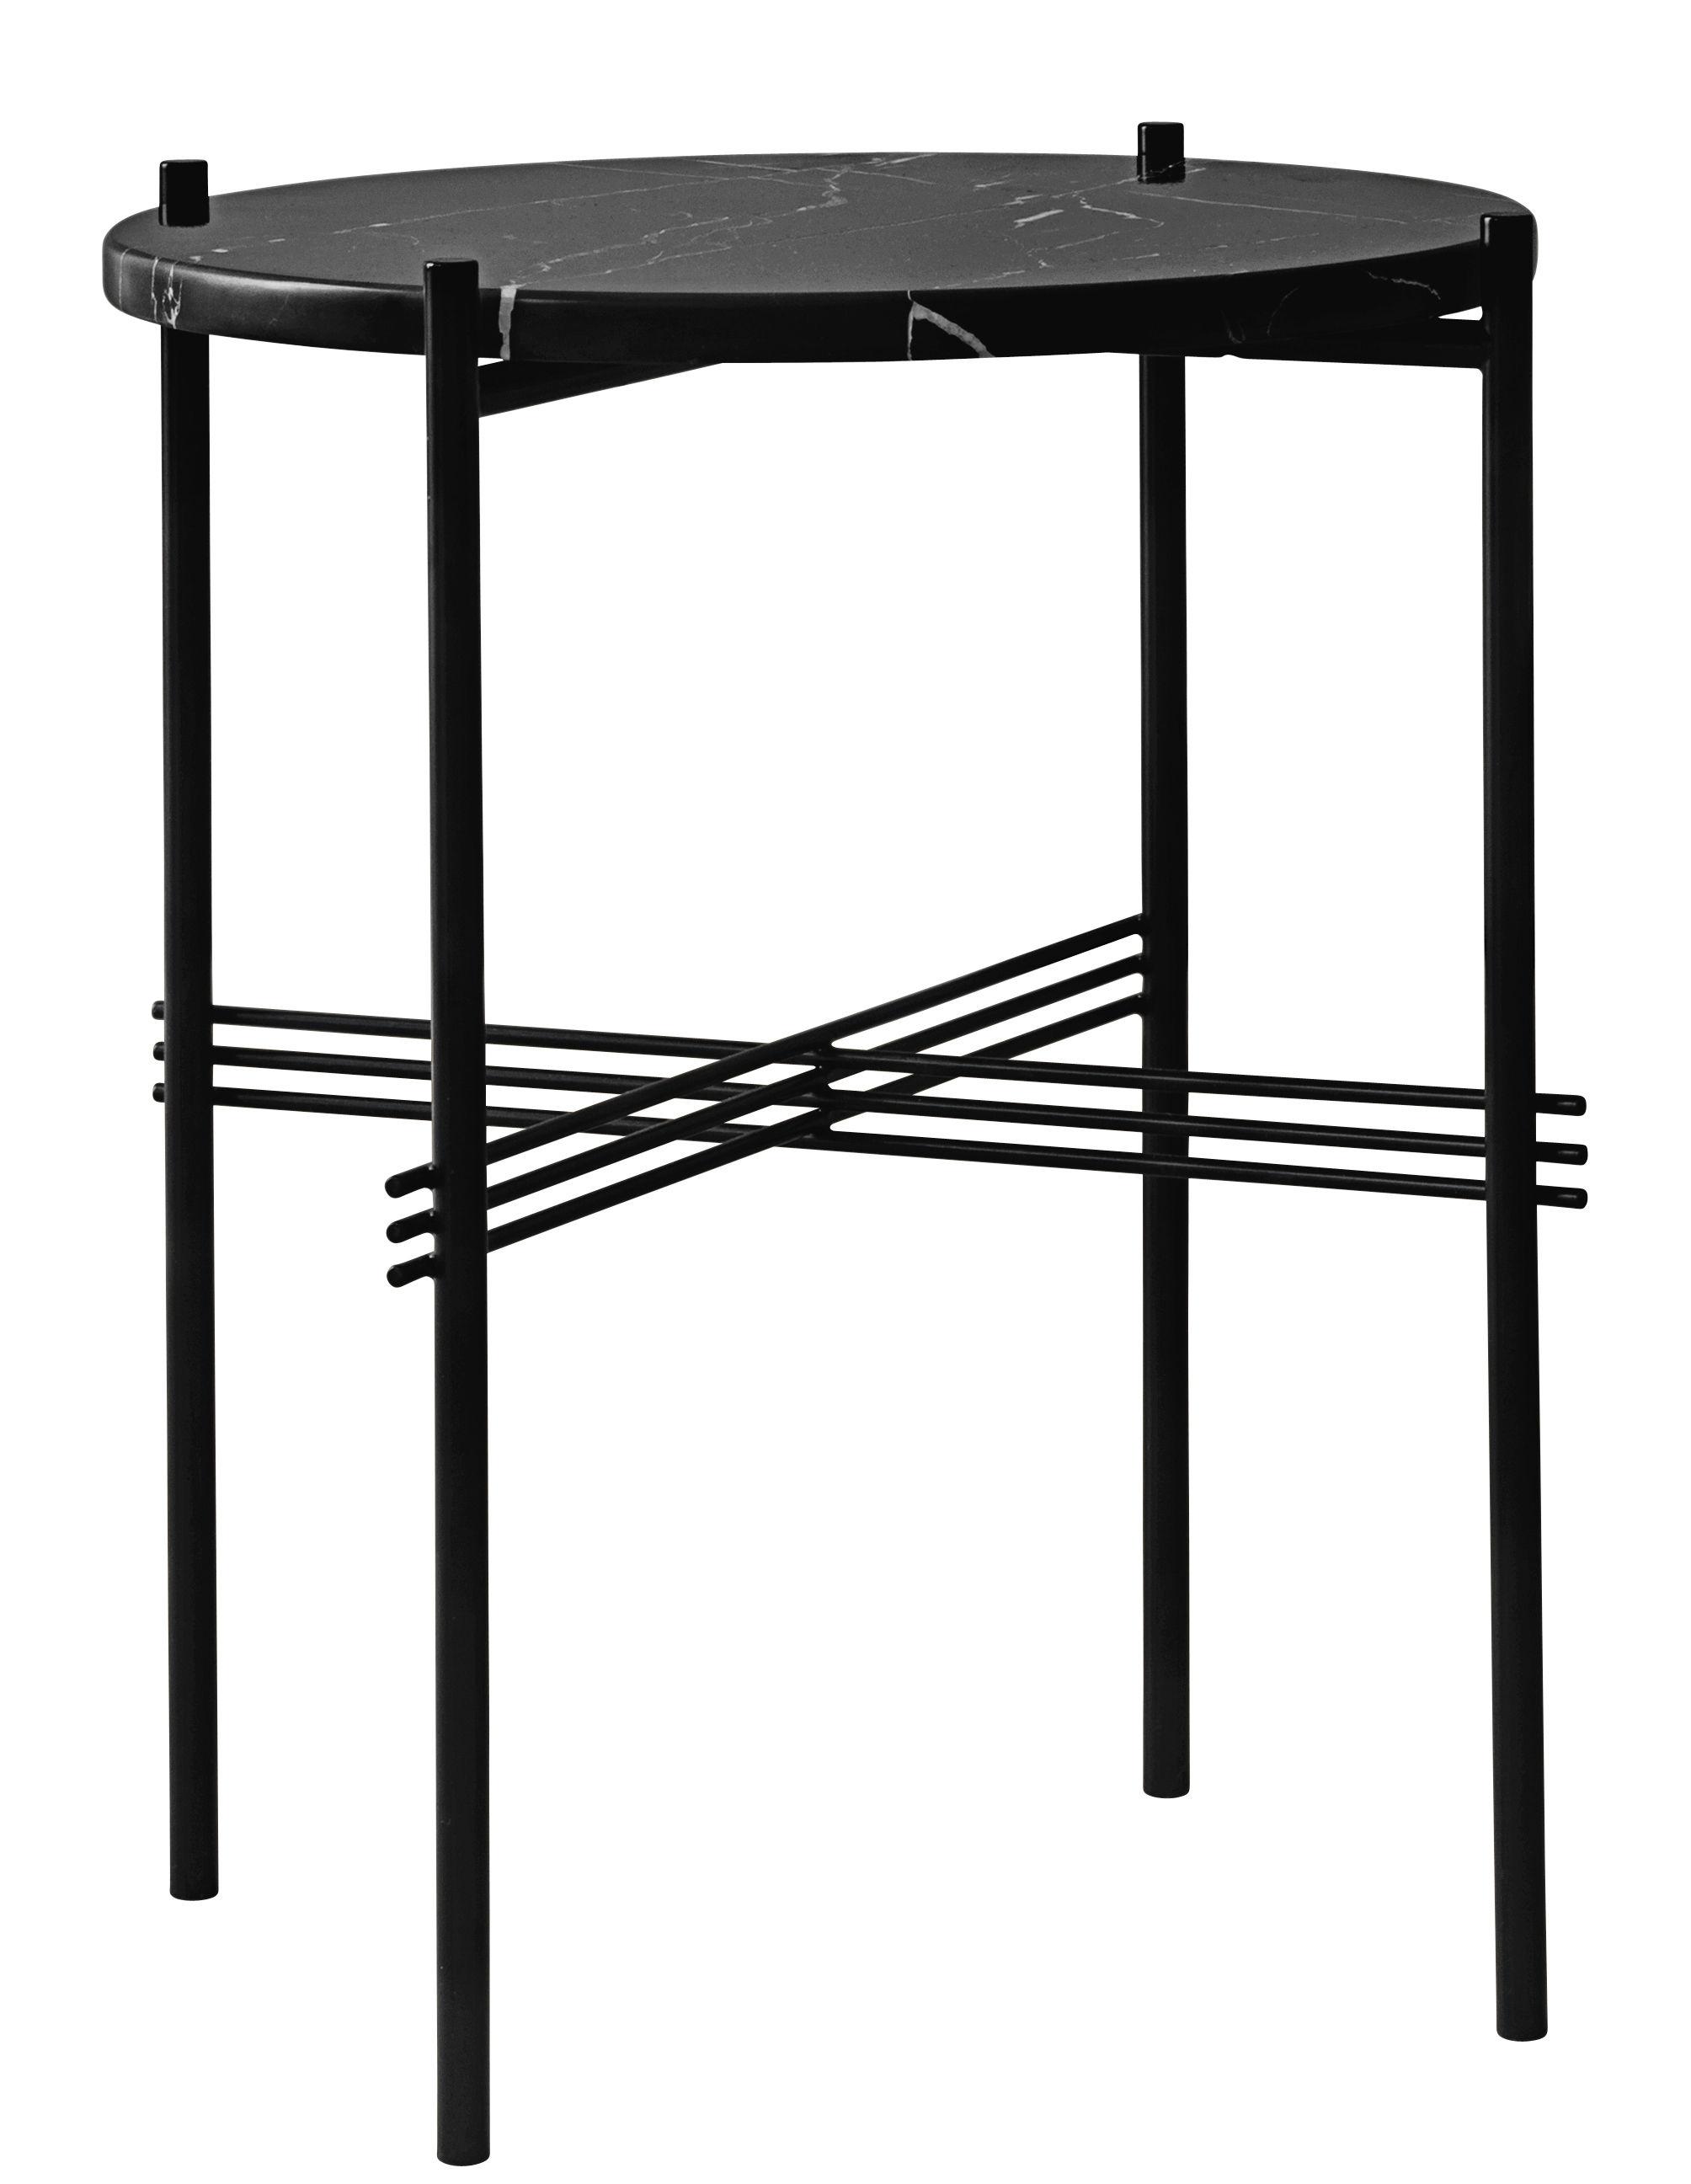 Arredamento - Tavolini  - Tavolino TS - / Gamfratesi - Ø 40 x H 51 cm - Marmo di Gubi - Marmo nero / Piede nero - Marmo Marquina, metallo laccato